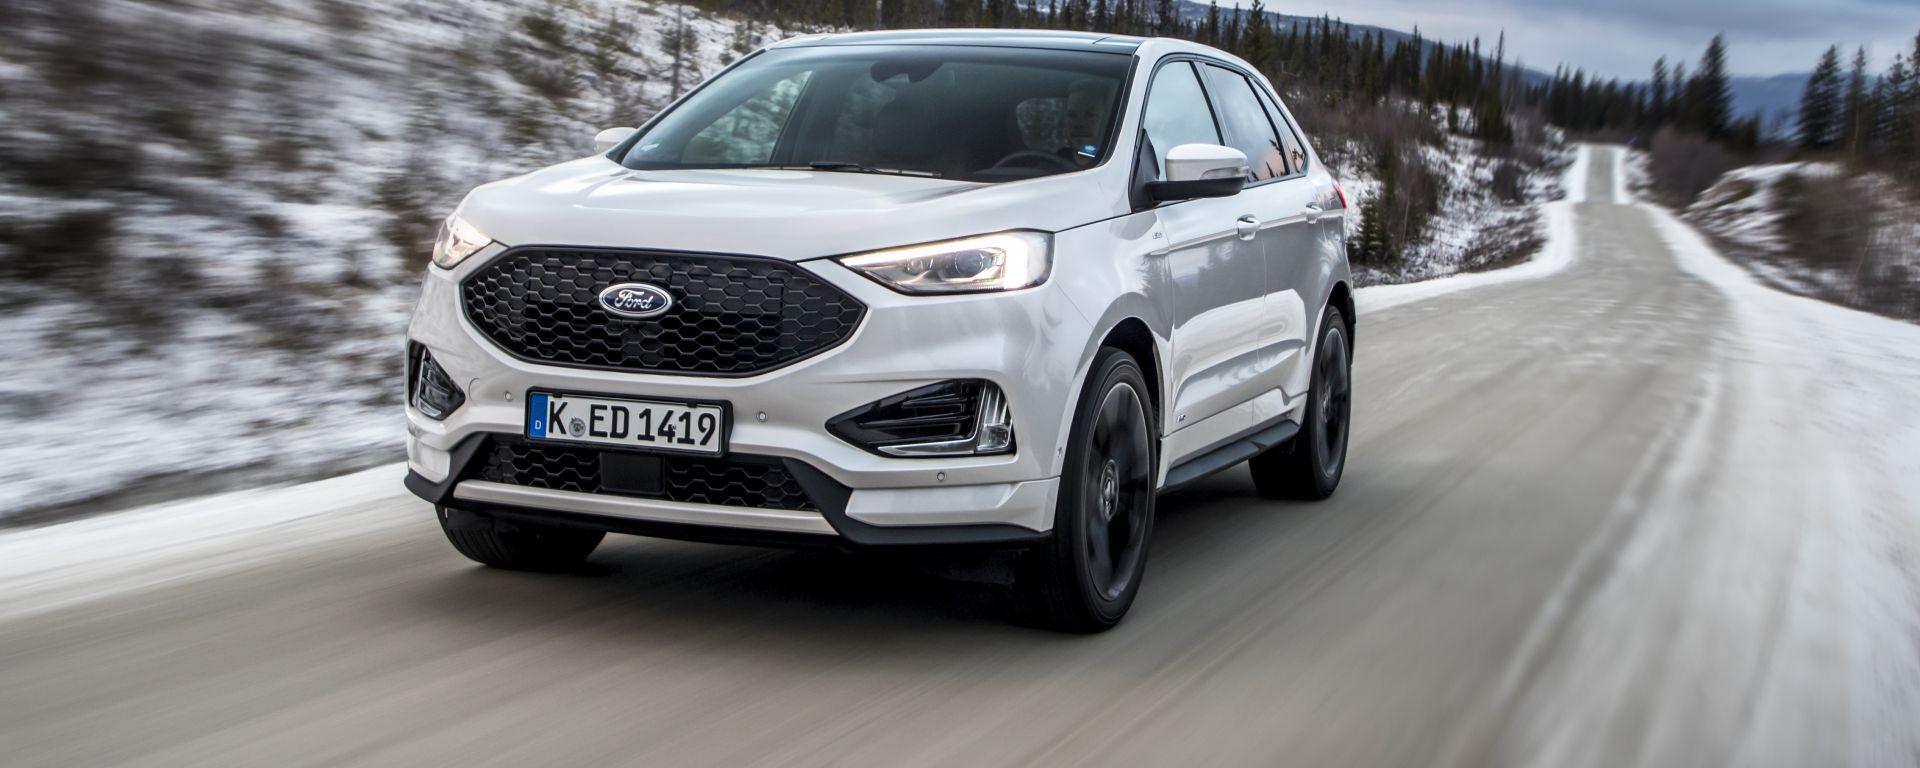 Ford Edge 2019: viaggi in prima classe ora con il Co-Pilot 360